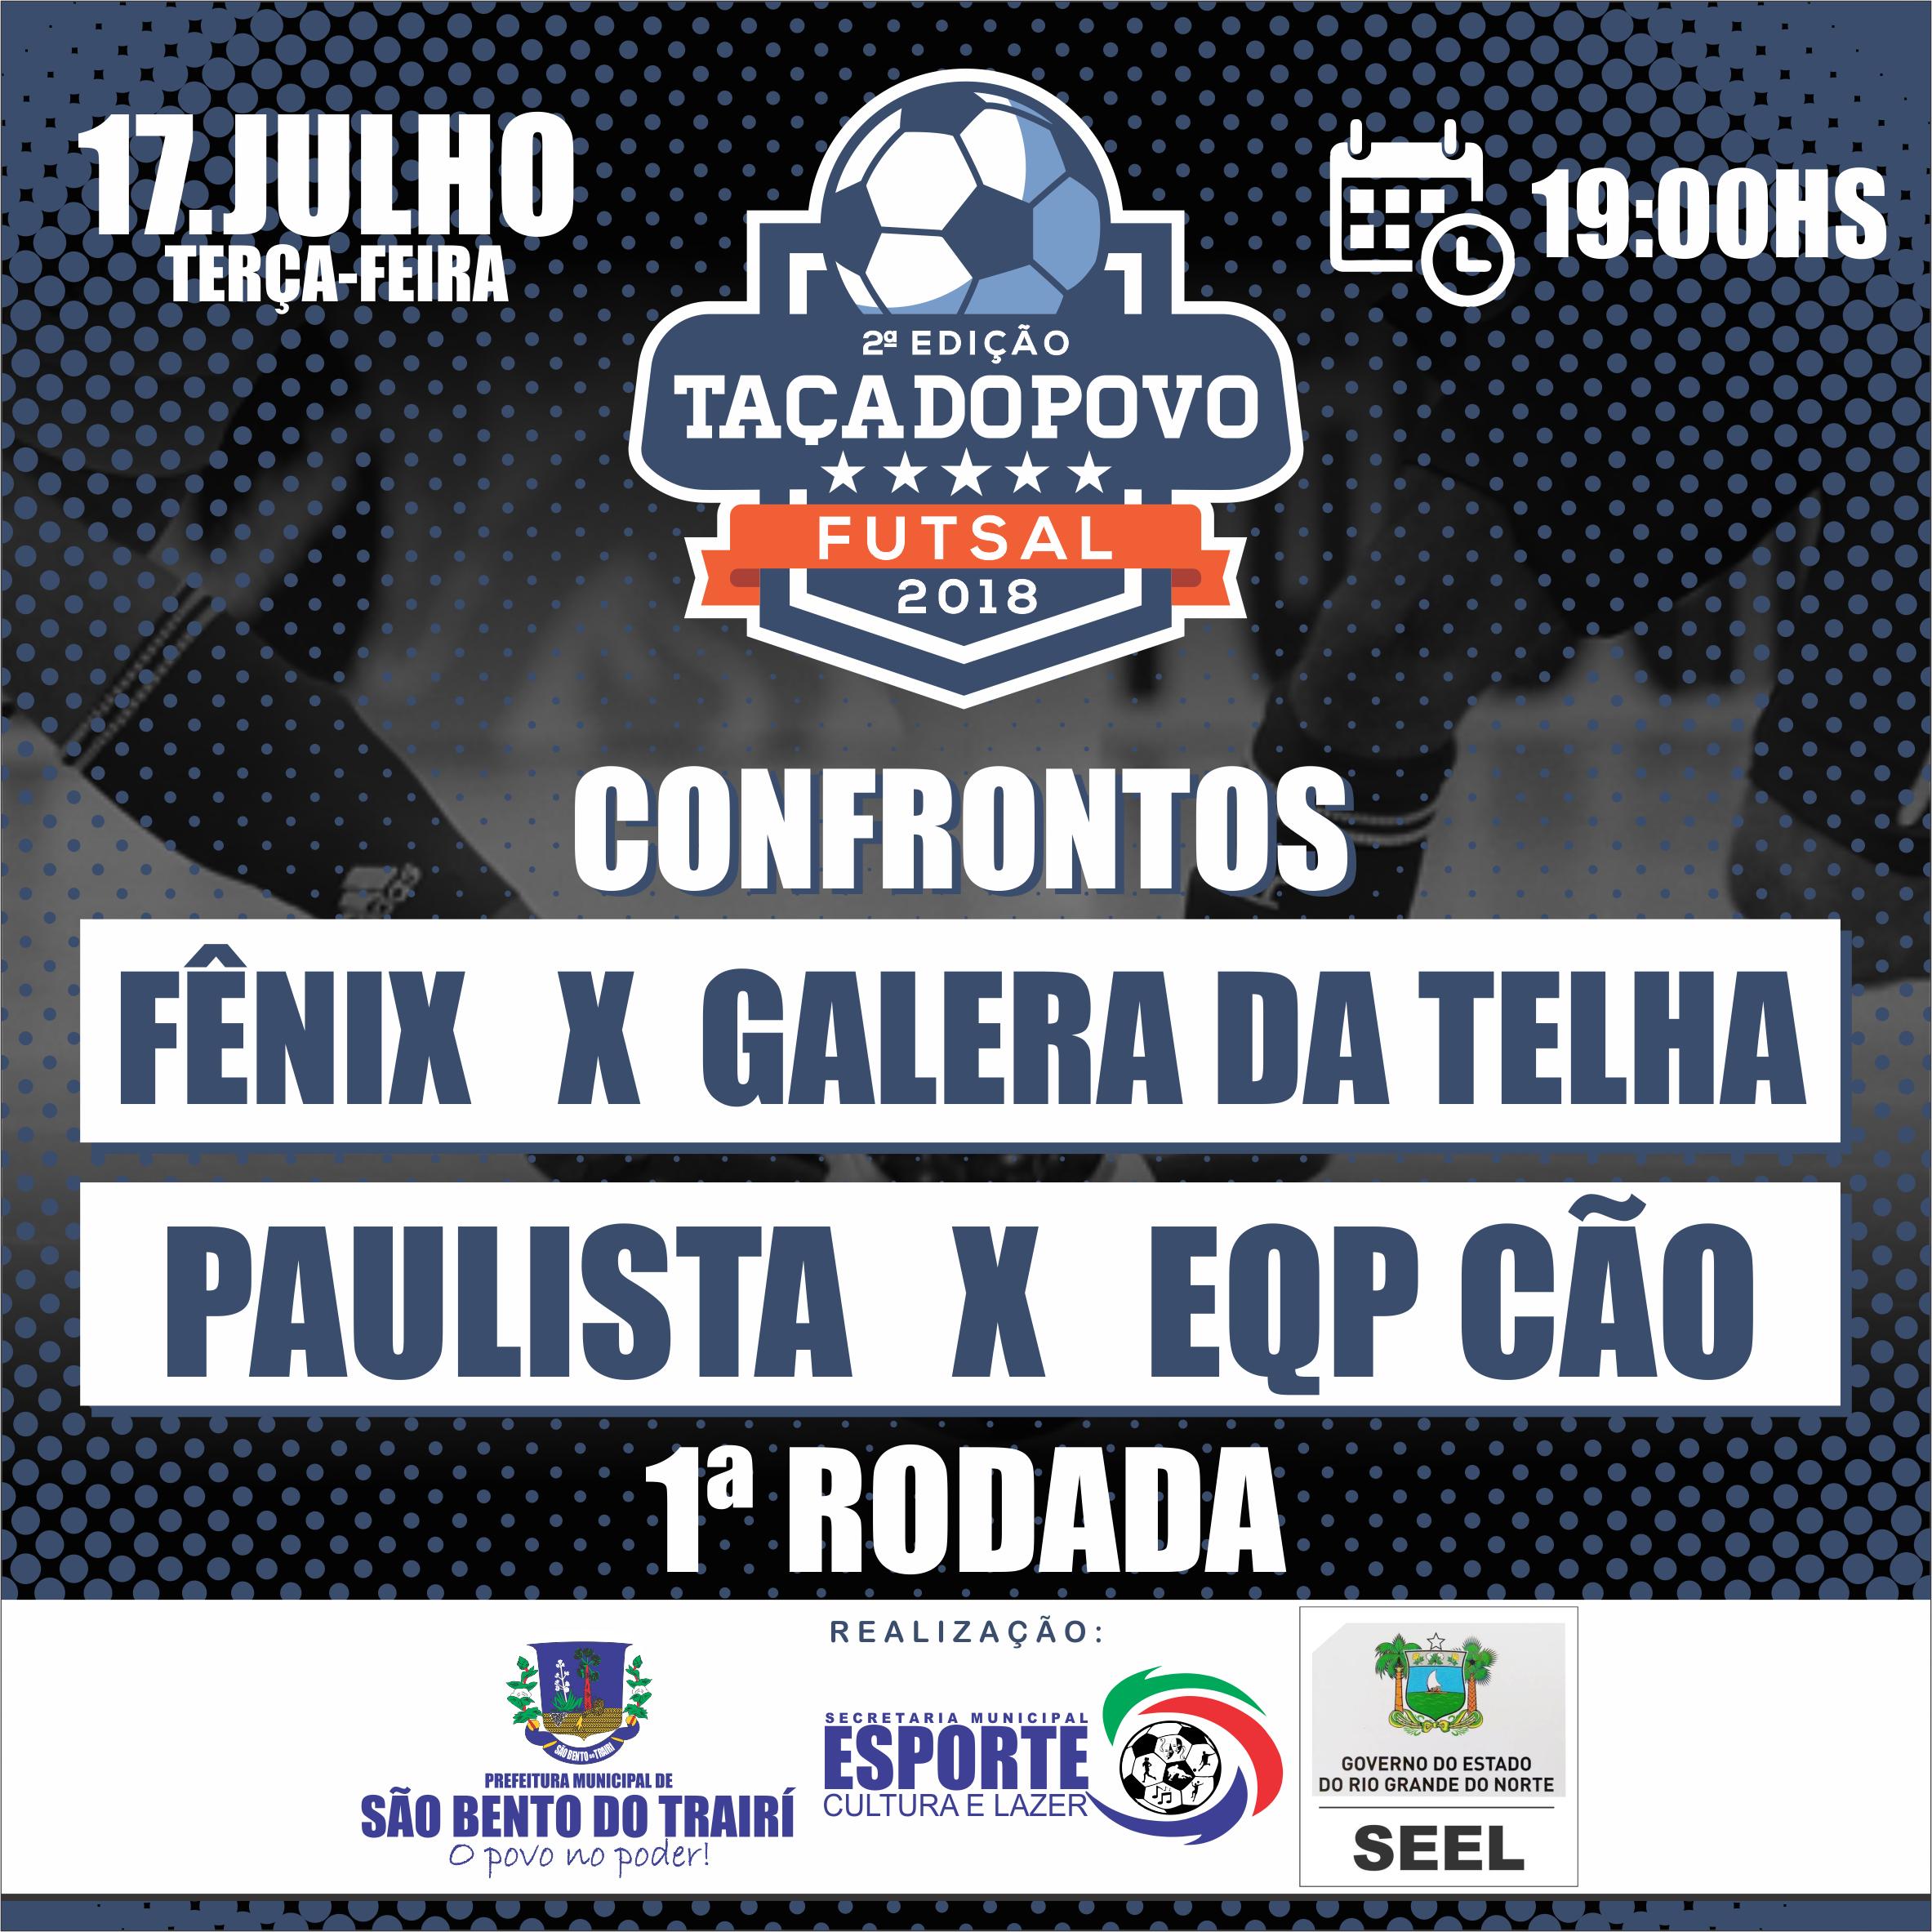 58a017cb8e Começa nesta terça-feira (17) a II Edição da Taça do Povo de Futsal ...